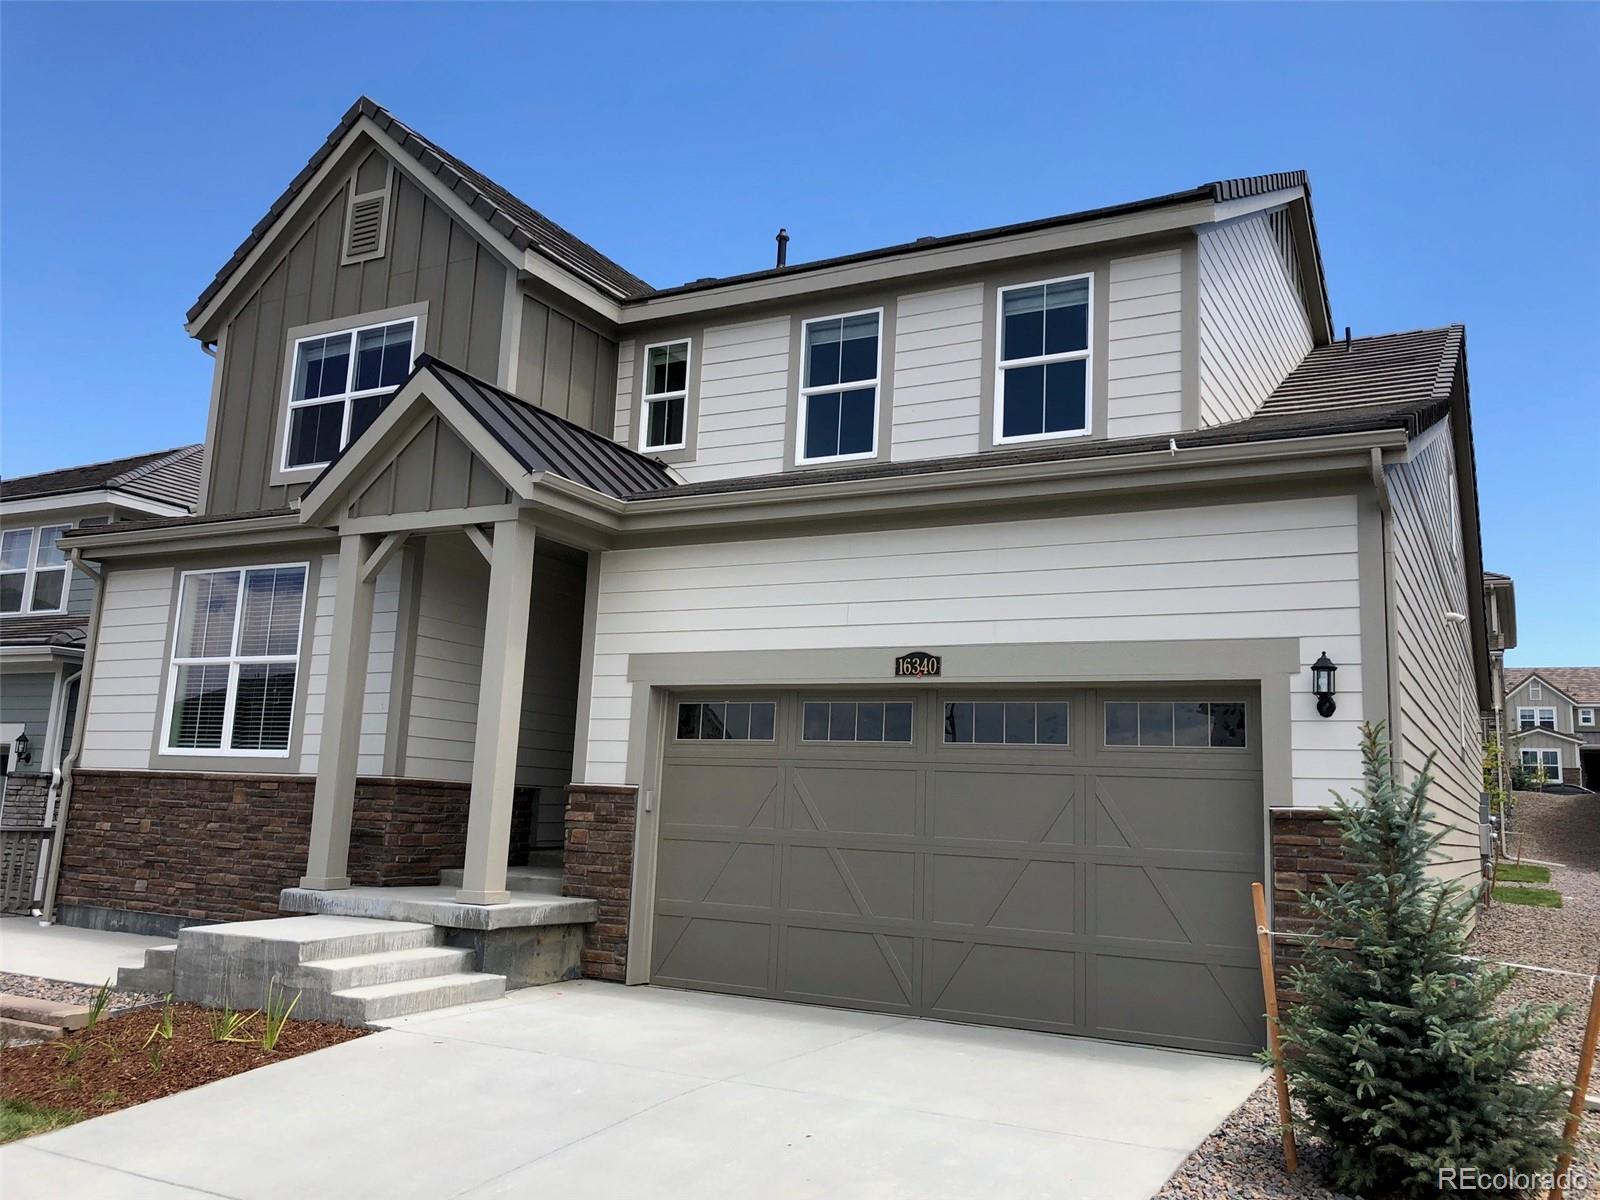 MLS# 6867497 - 4 - 16340 Jones Mountain Way, Broomfield, CO 80023